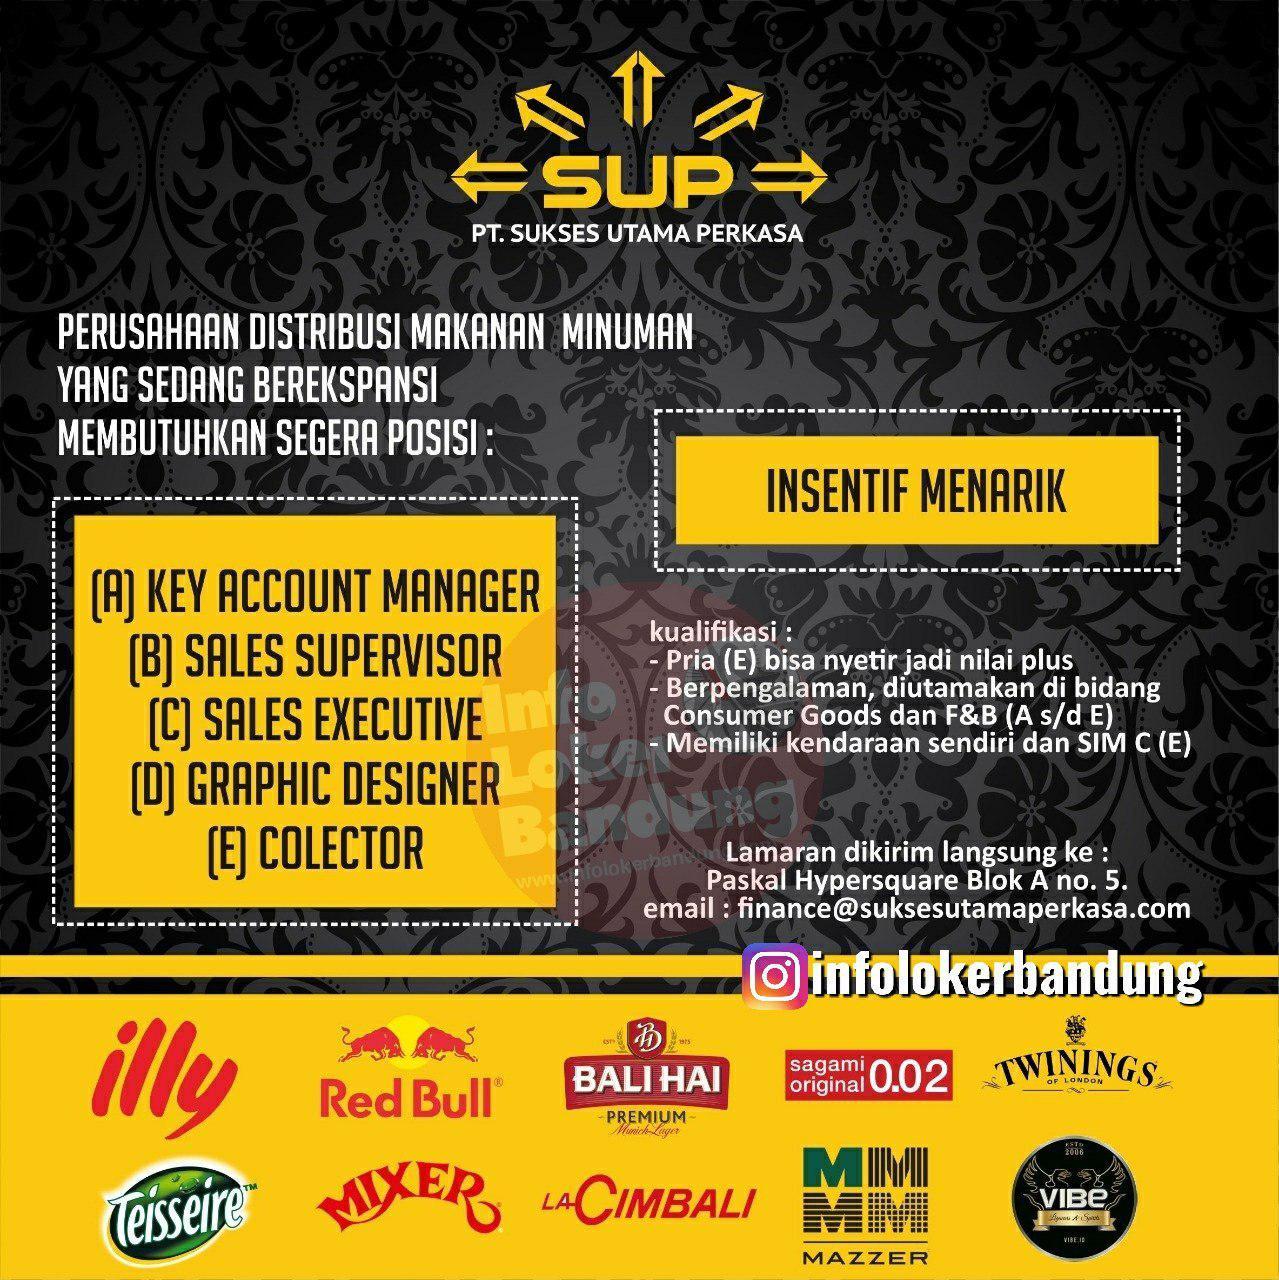 Lowongan Kerja Pt Sukses Utama Perkasa Bandung Juni 2019 Info Loker Bandung 2021